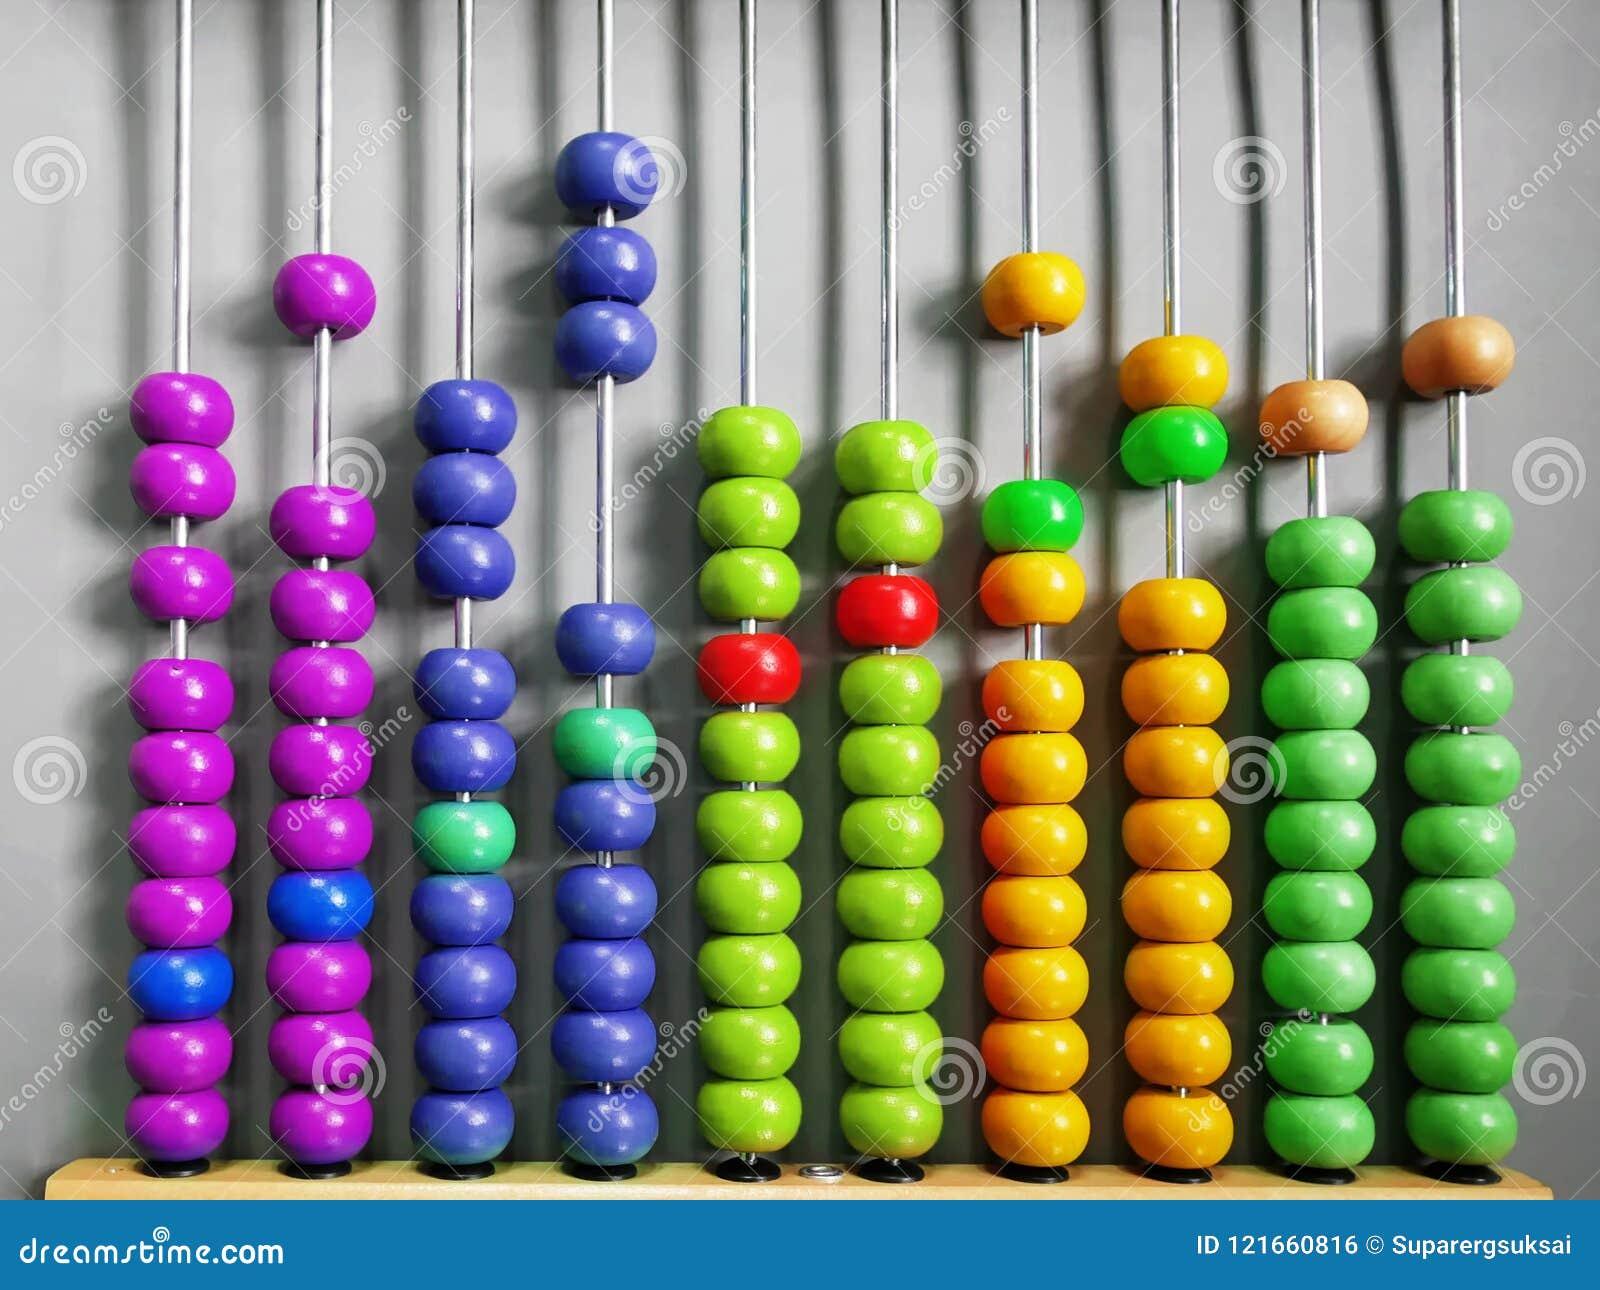 Abaque pour des enfants pratiquant le compte avec les perles en bois colorées